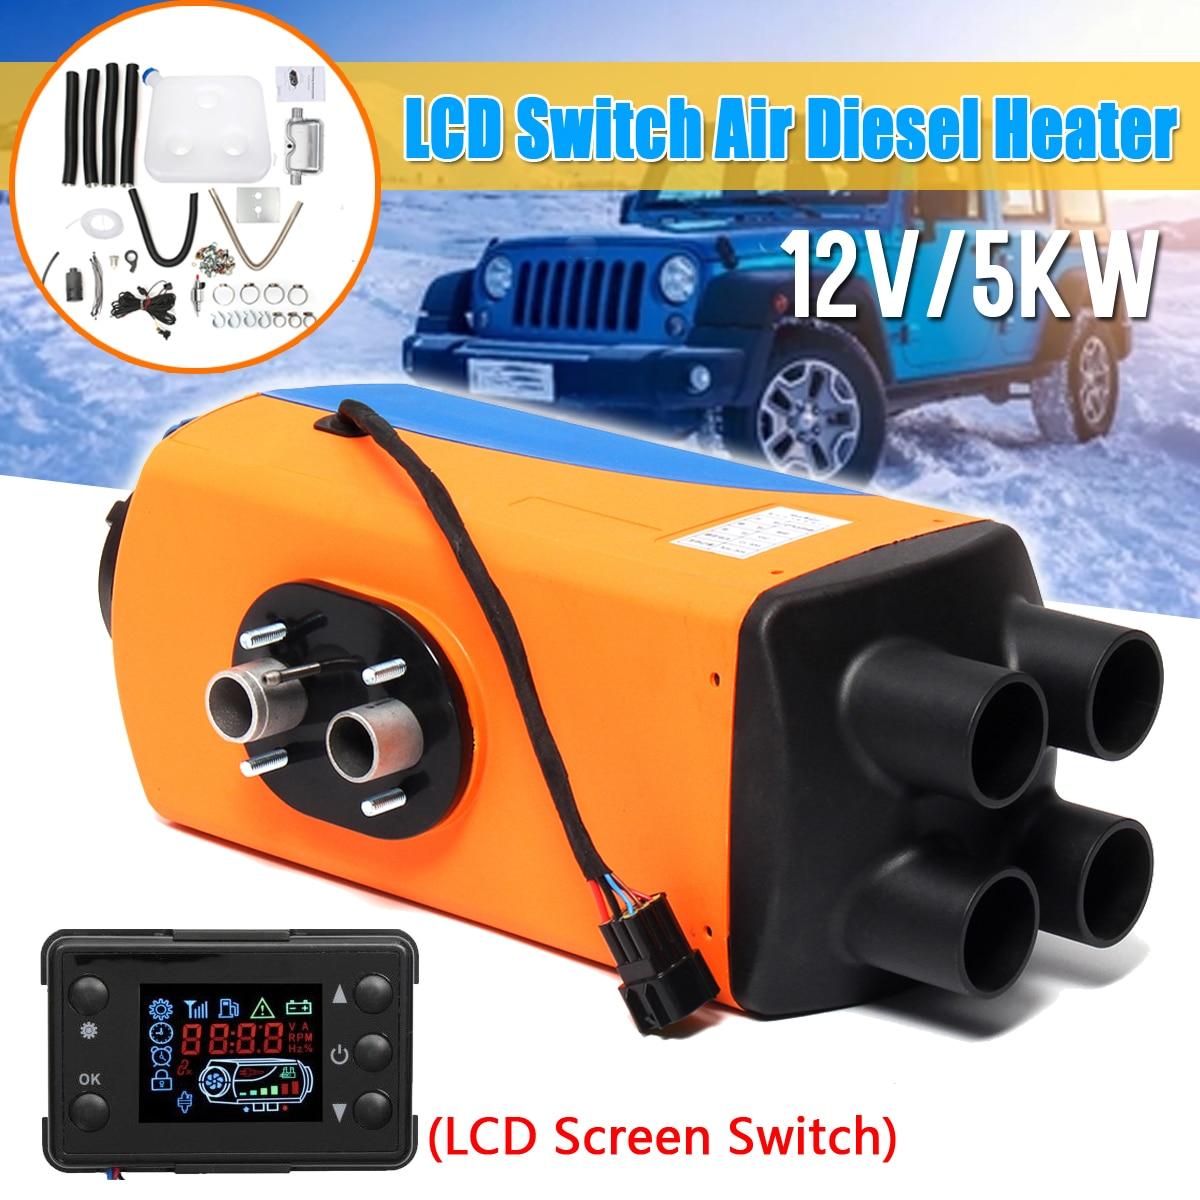 12 v/24 v 3KW/5KW Air Diesels Chauffe Parking Chauffe Diesels Réchauffeur D'air Avec Télécommande LCD Numérique affichage pour Bateau Camping-Car Remorque